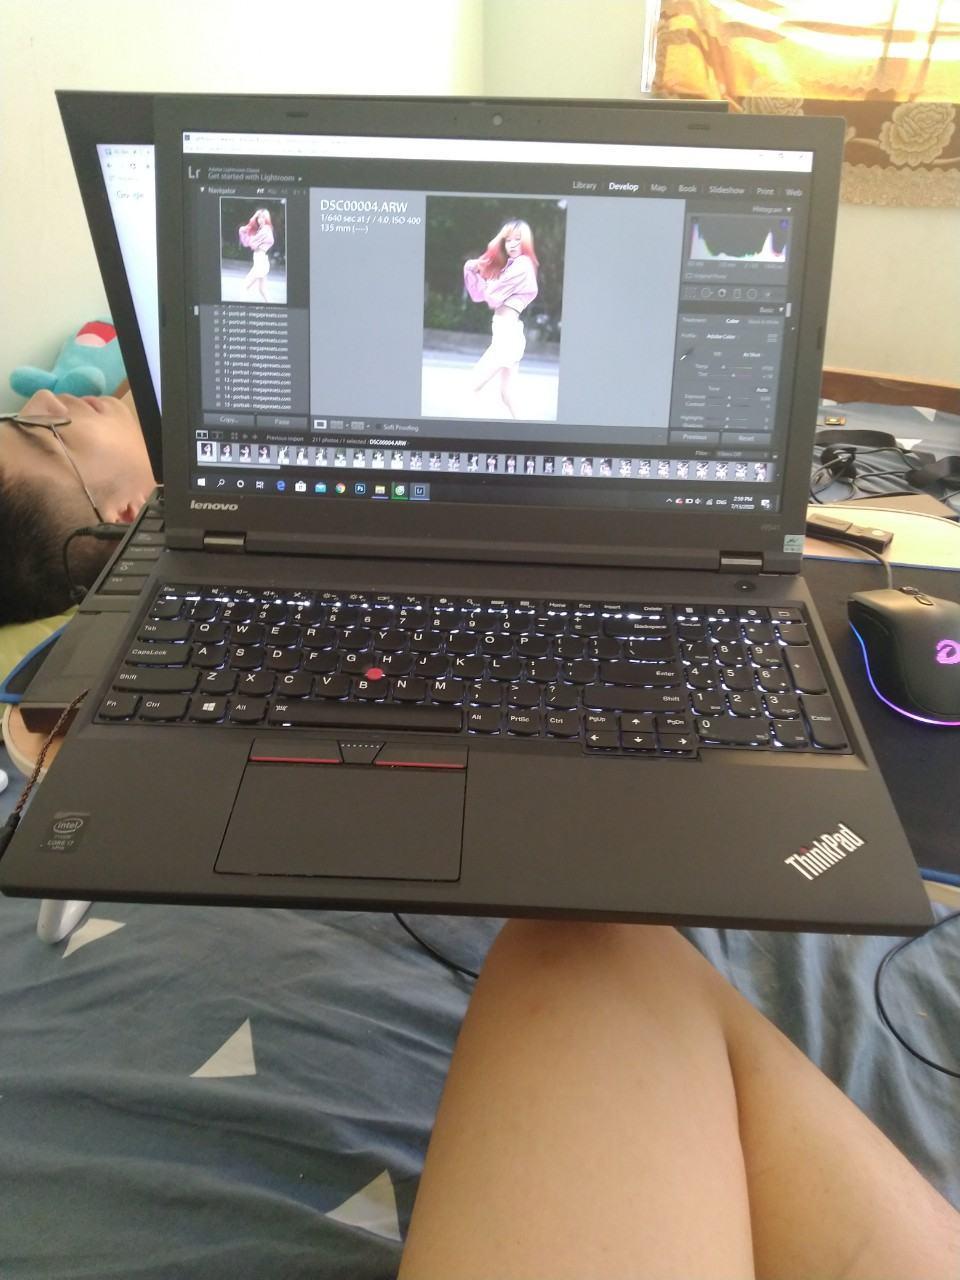 Đánh giá laptop Thinkpad W541 máy trạm đồ họa cao cấp